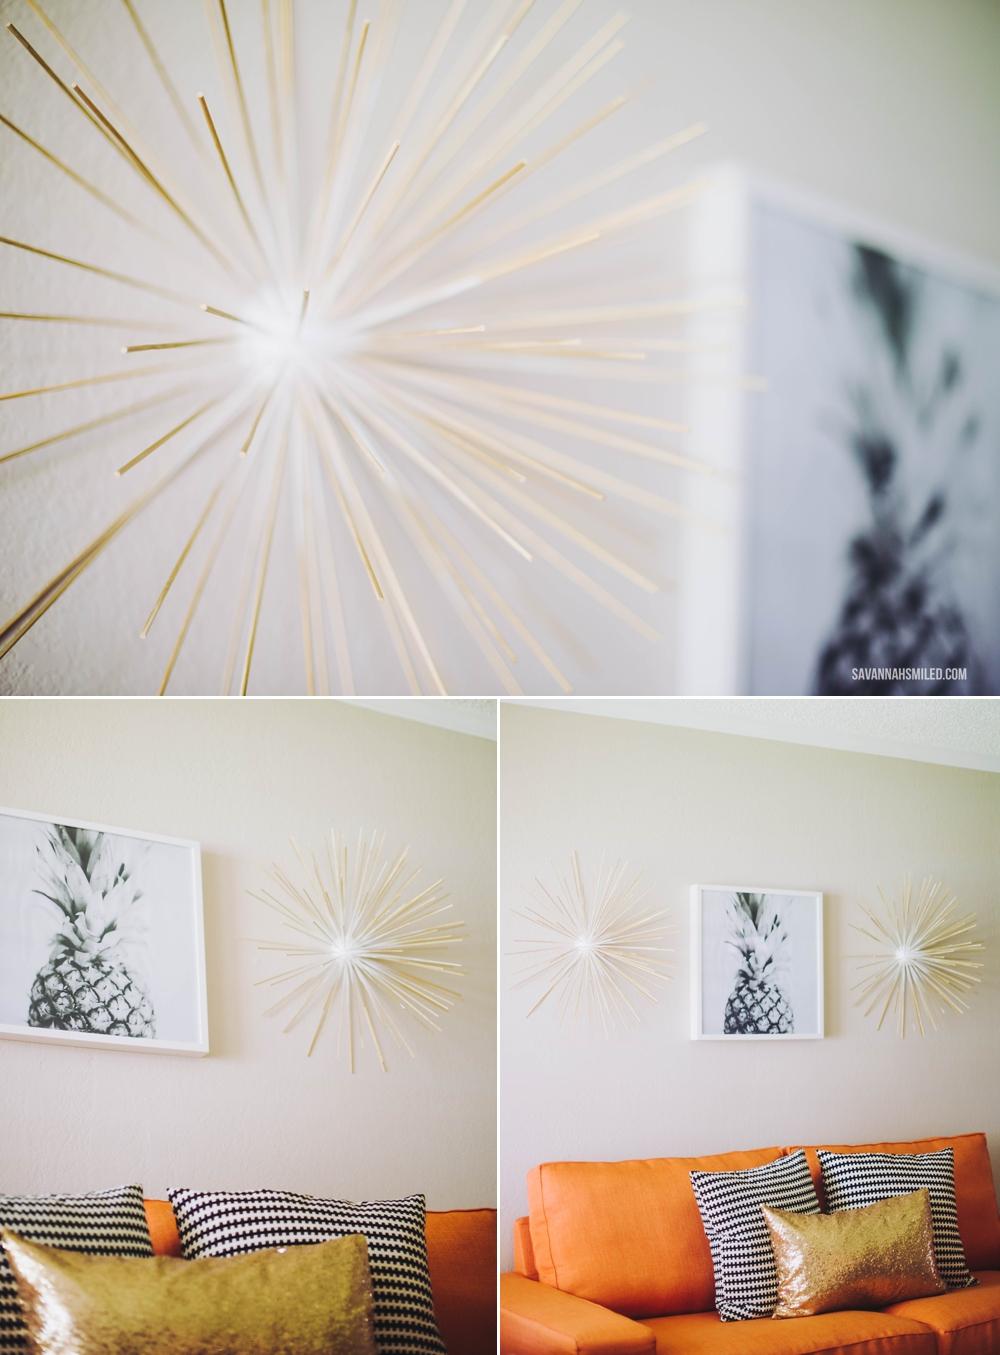 starburst-mid-century-modern-diy-wall-art-1.jpg